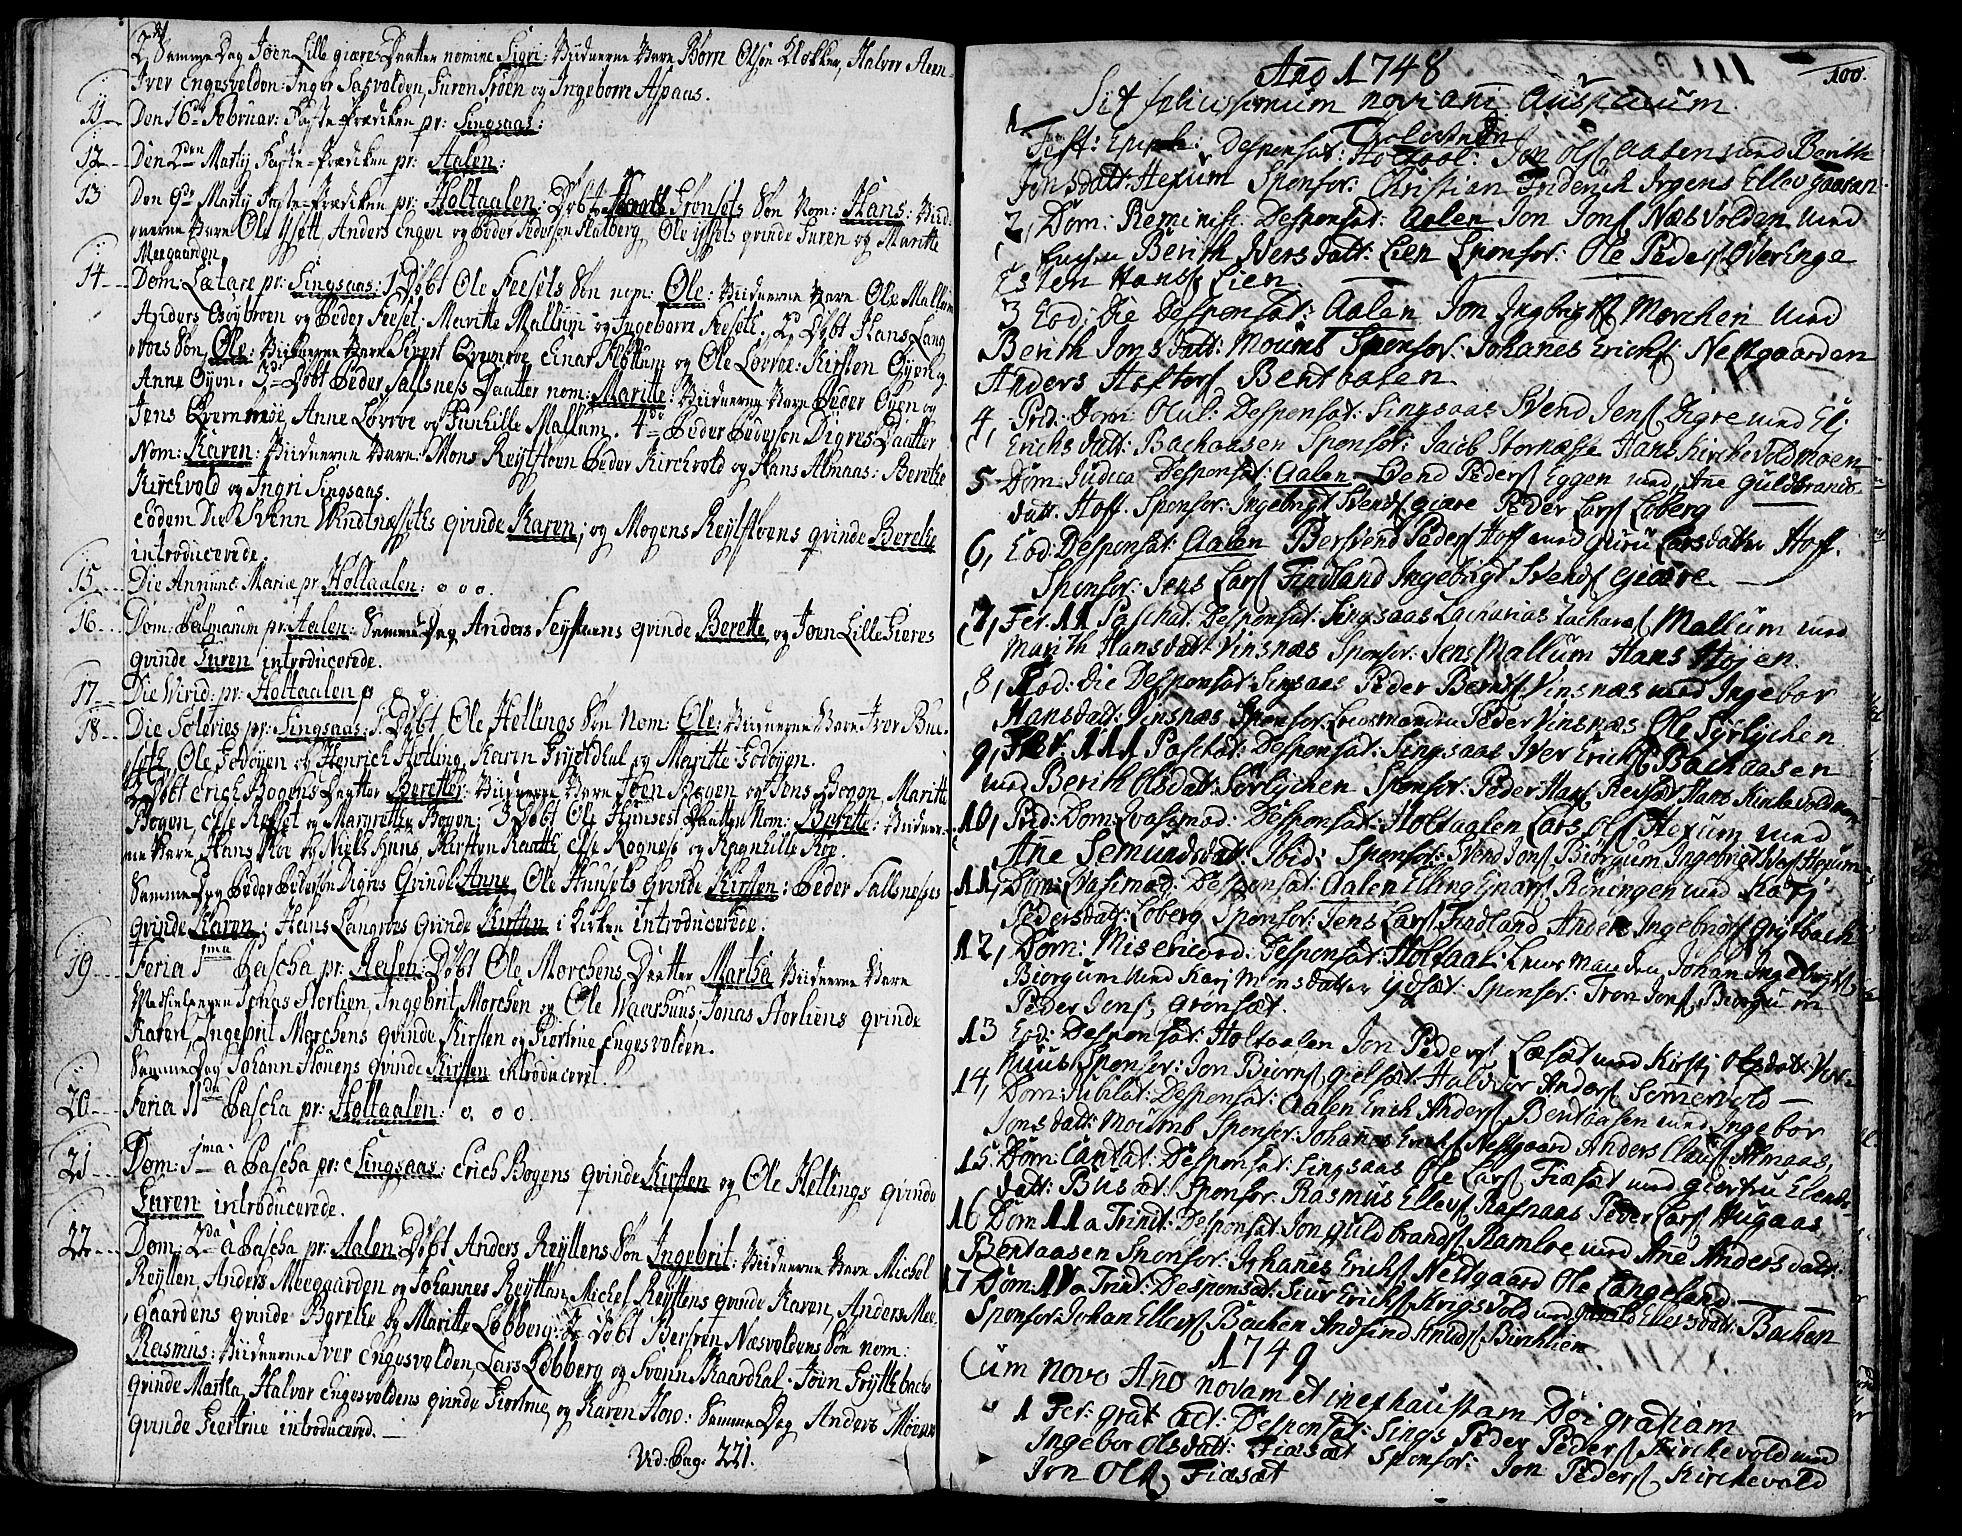 SAT, Ministerialprotokoller, klokkerbøker og fødselsregistre - Sør-Trøndelag, 685/L0952: Ministerialbok nr. 685A01, 1745-1804, s. 100